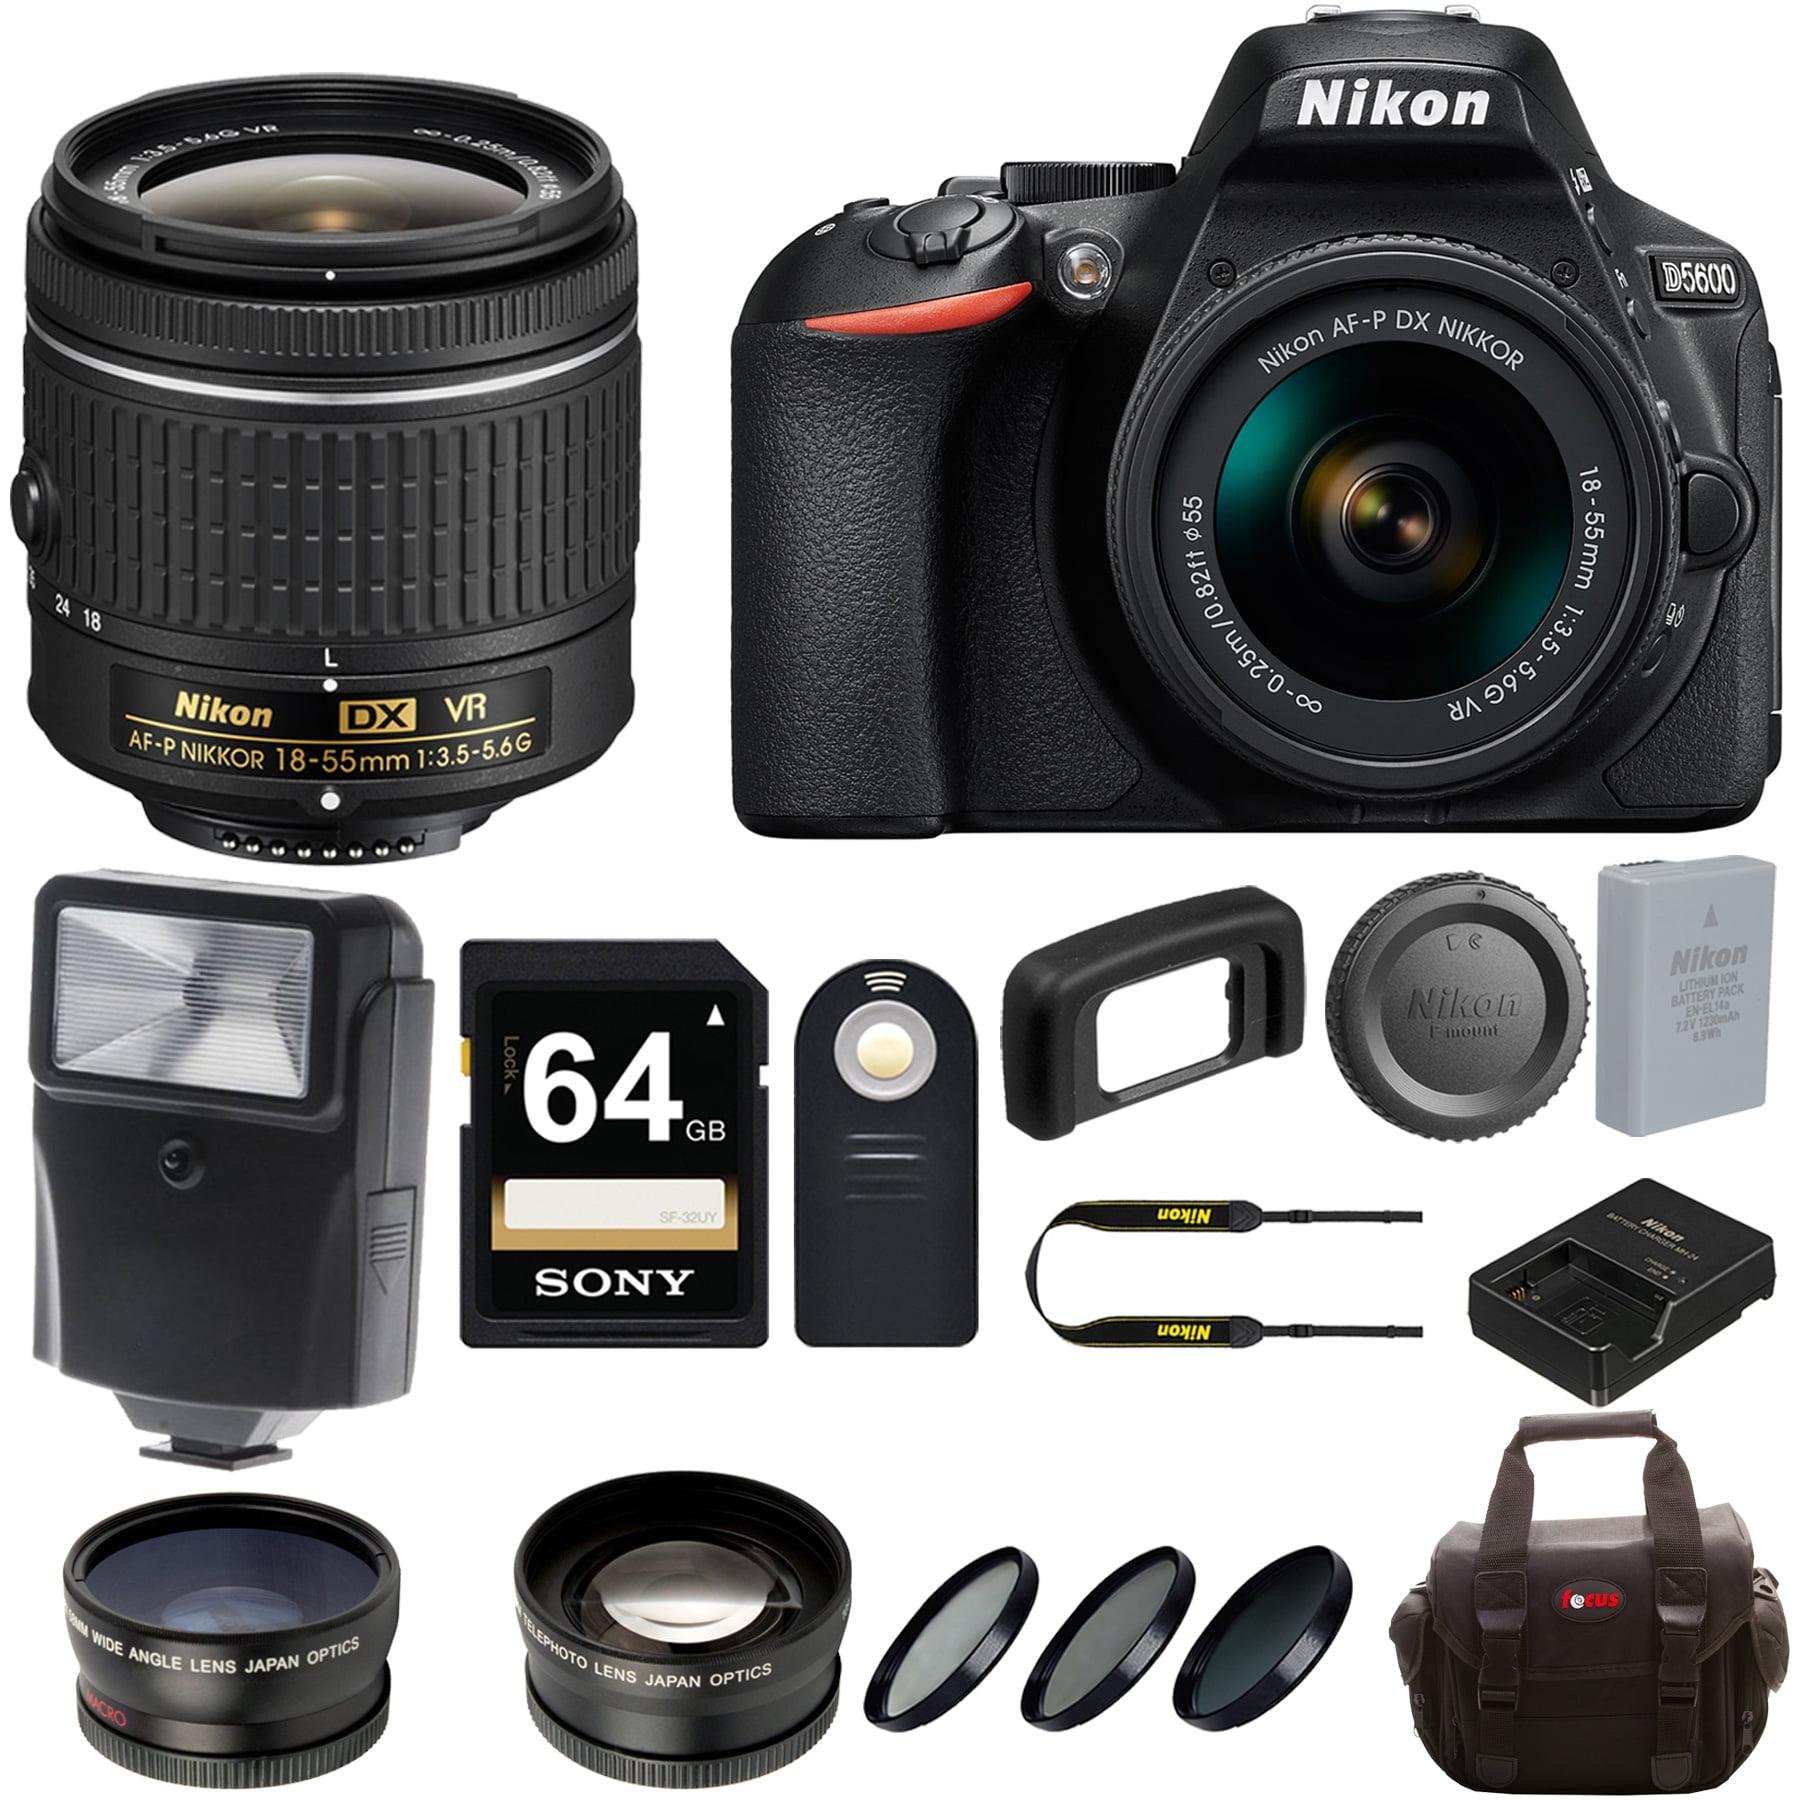 Nikon D5600 DSLR Camera w/ 18-55mm Lens & Sony 64GB Memor...